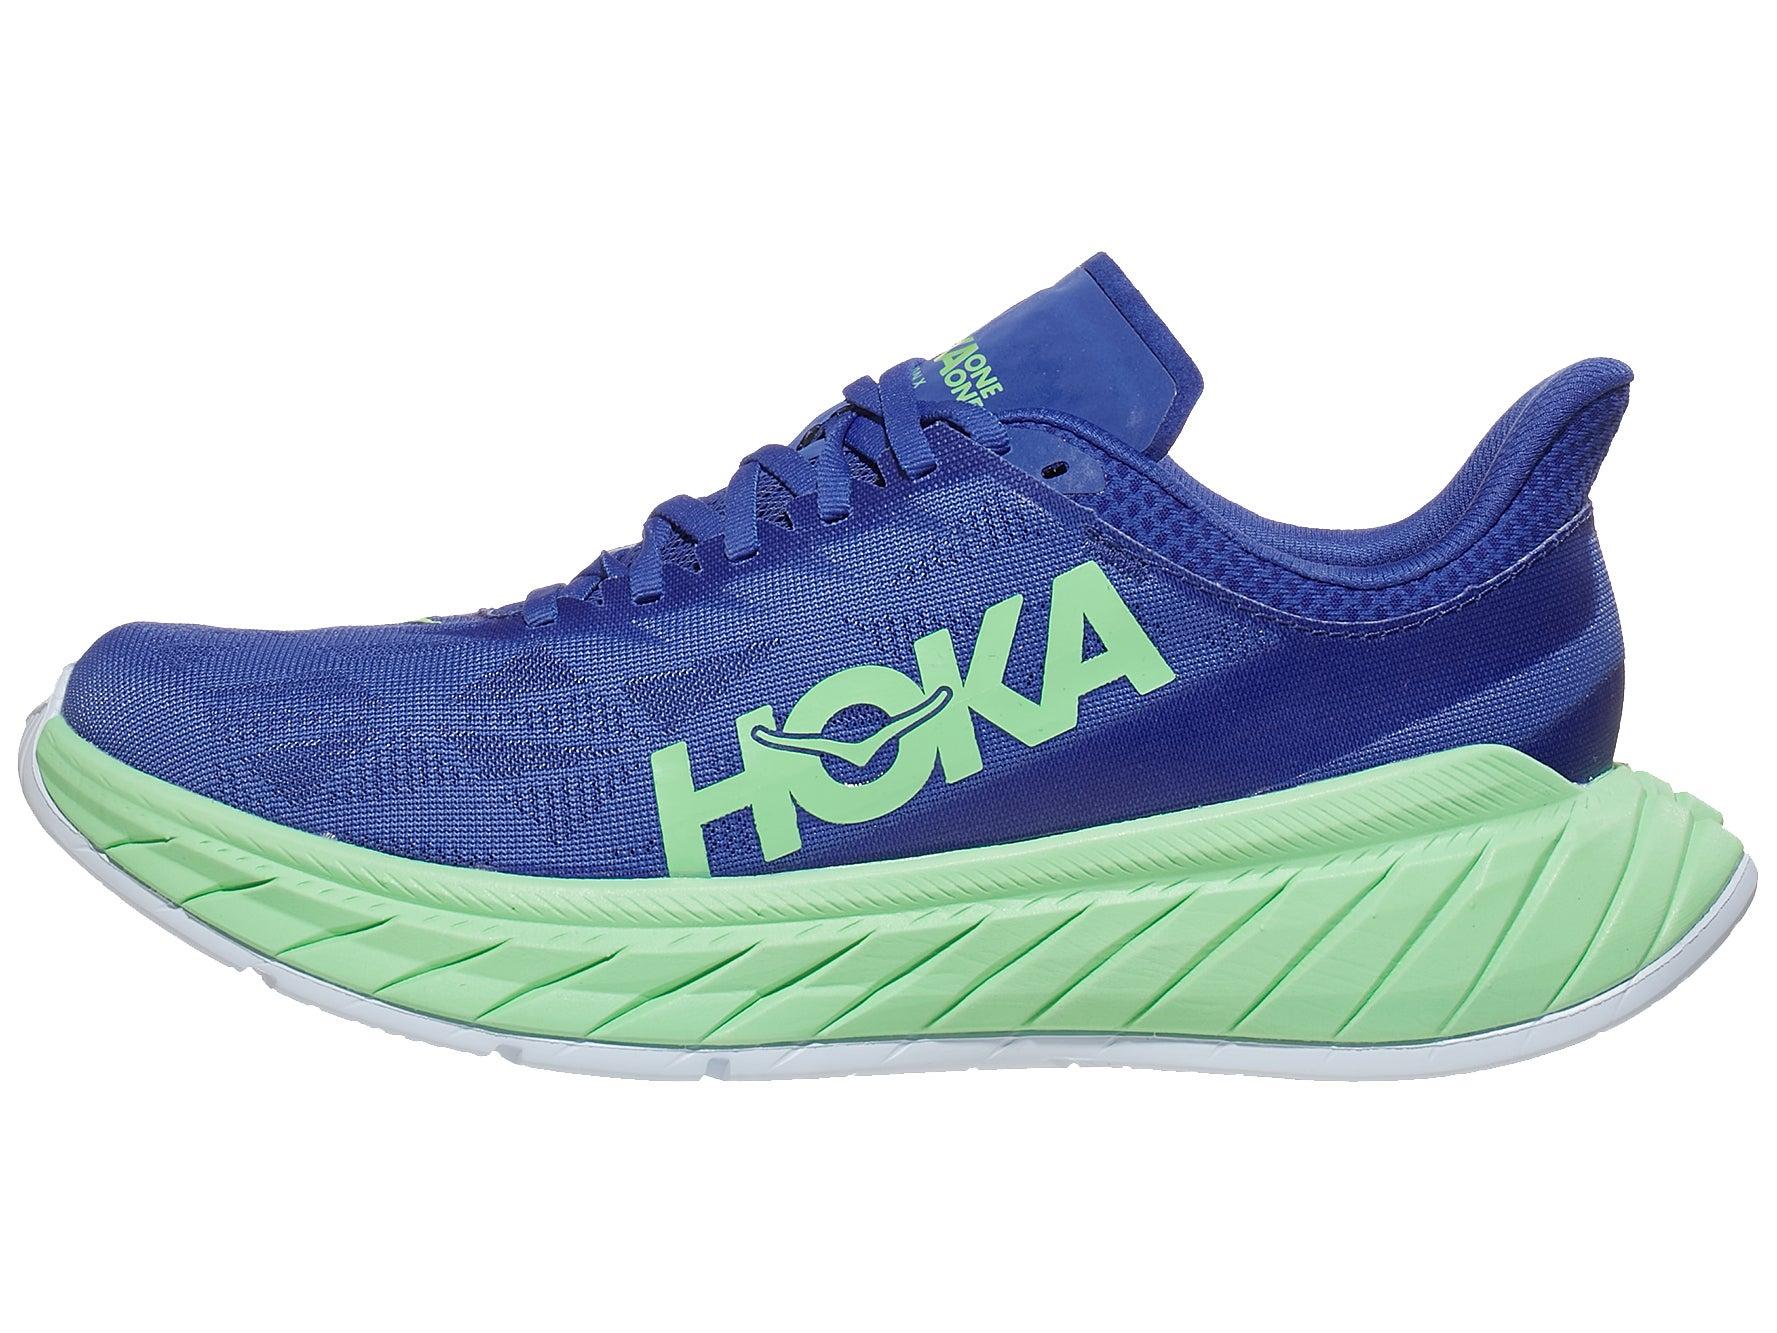 Hocxm27-1